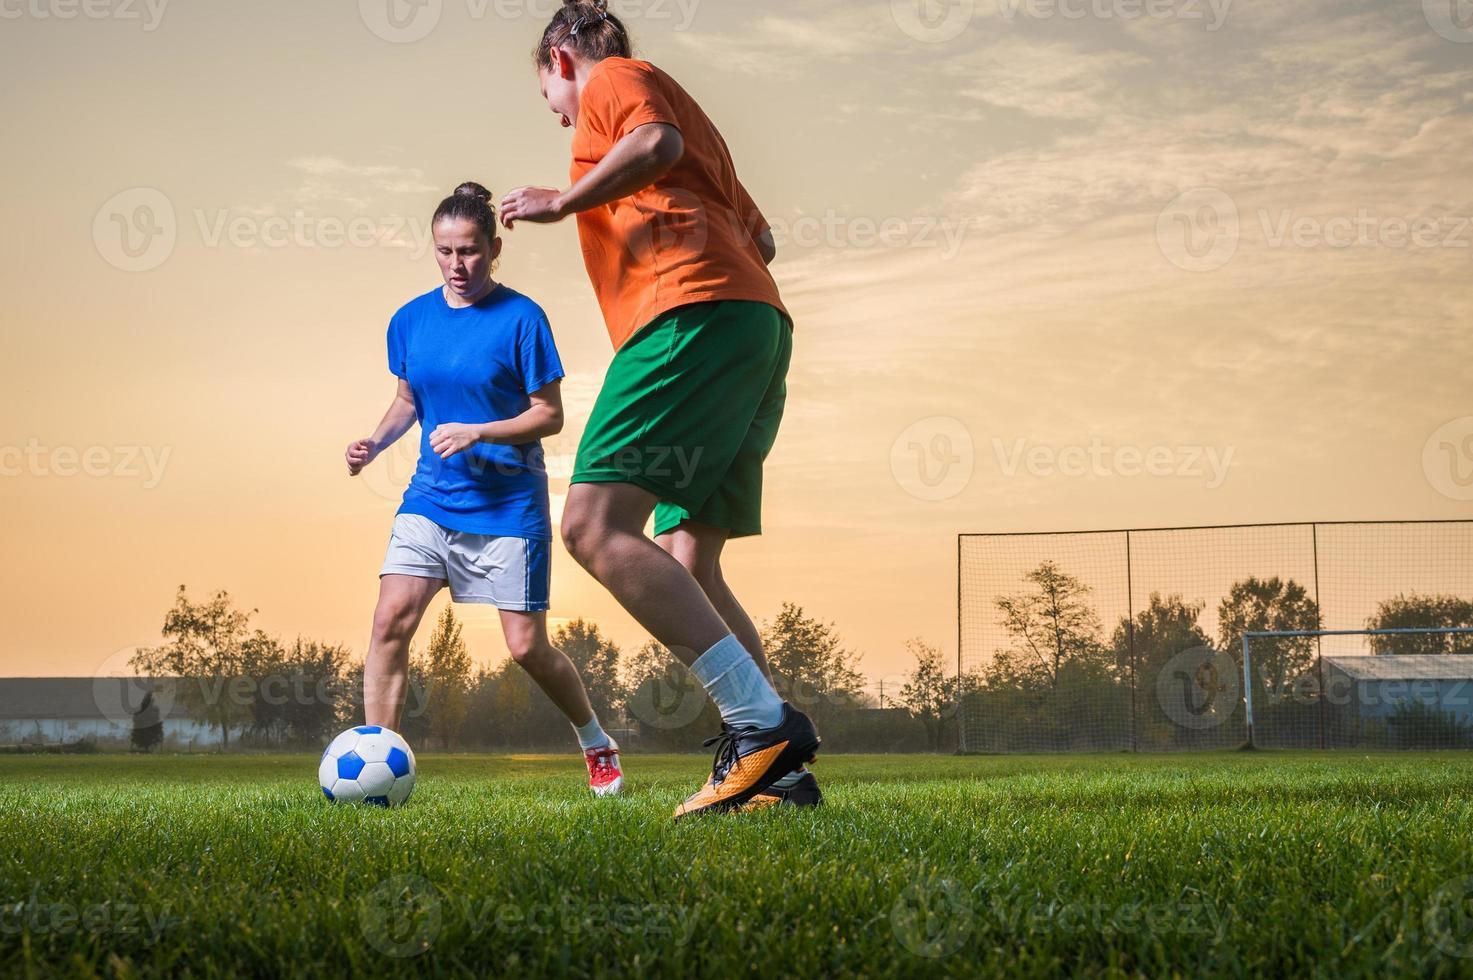 Las mujeres durante un partido de fútbol al atardecer foto